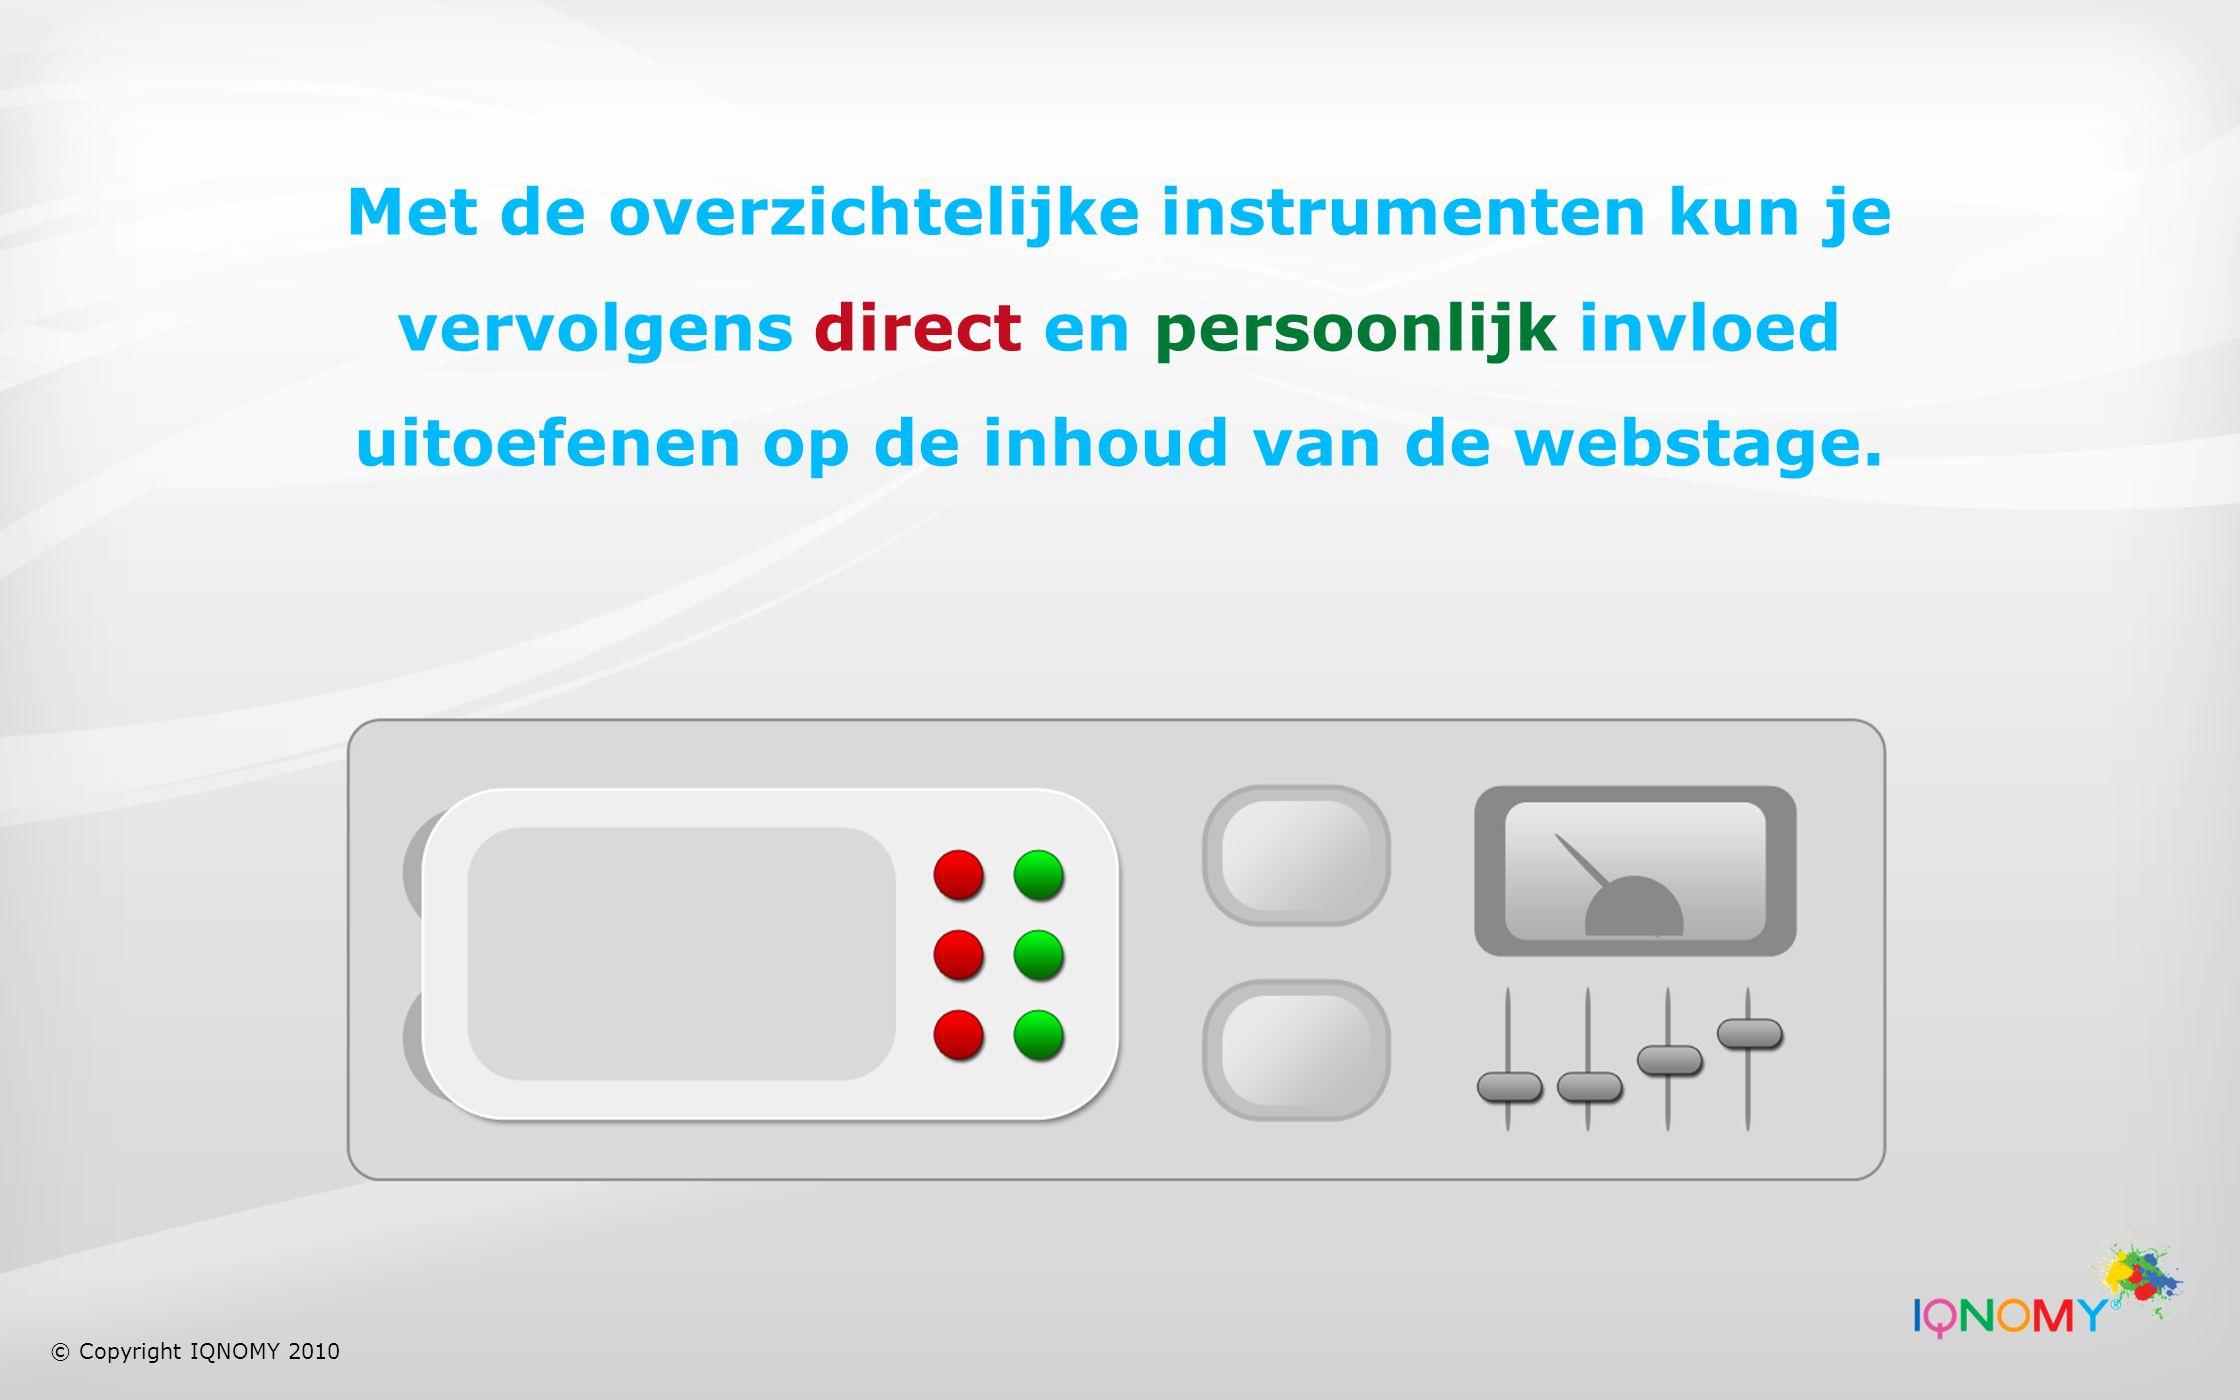 Met de overzichtelijke instrumenten kun je vervolgens direct en persoonlijk invloed uitoefenen op de inhoud van de webstage.